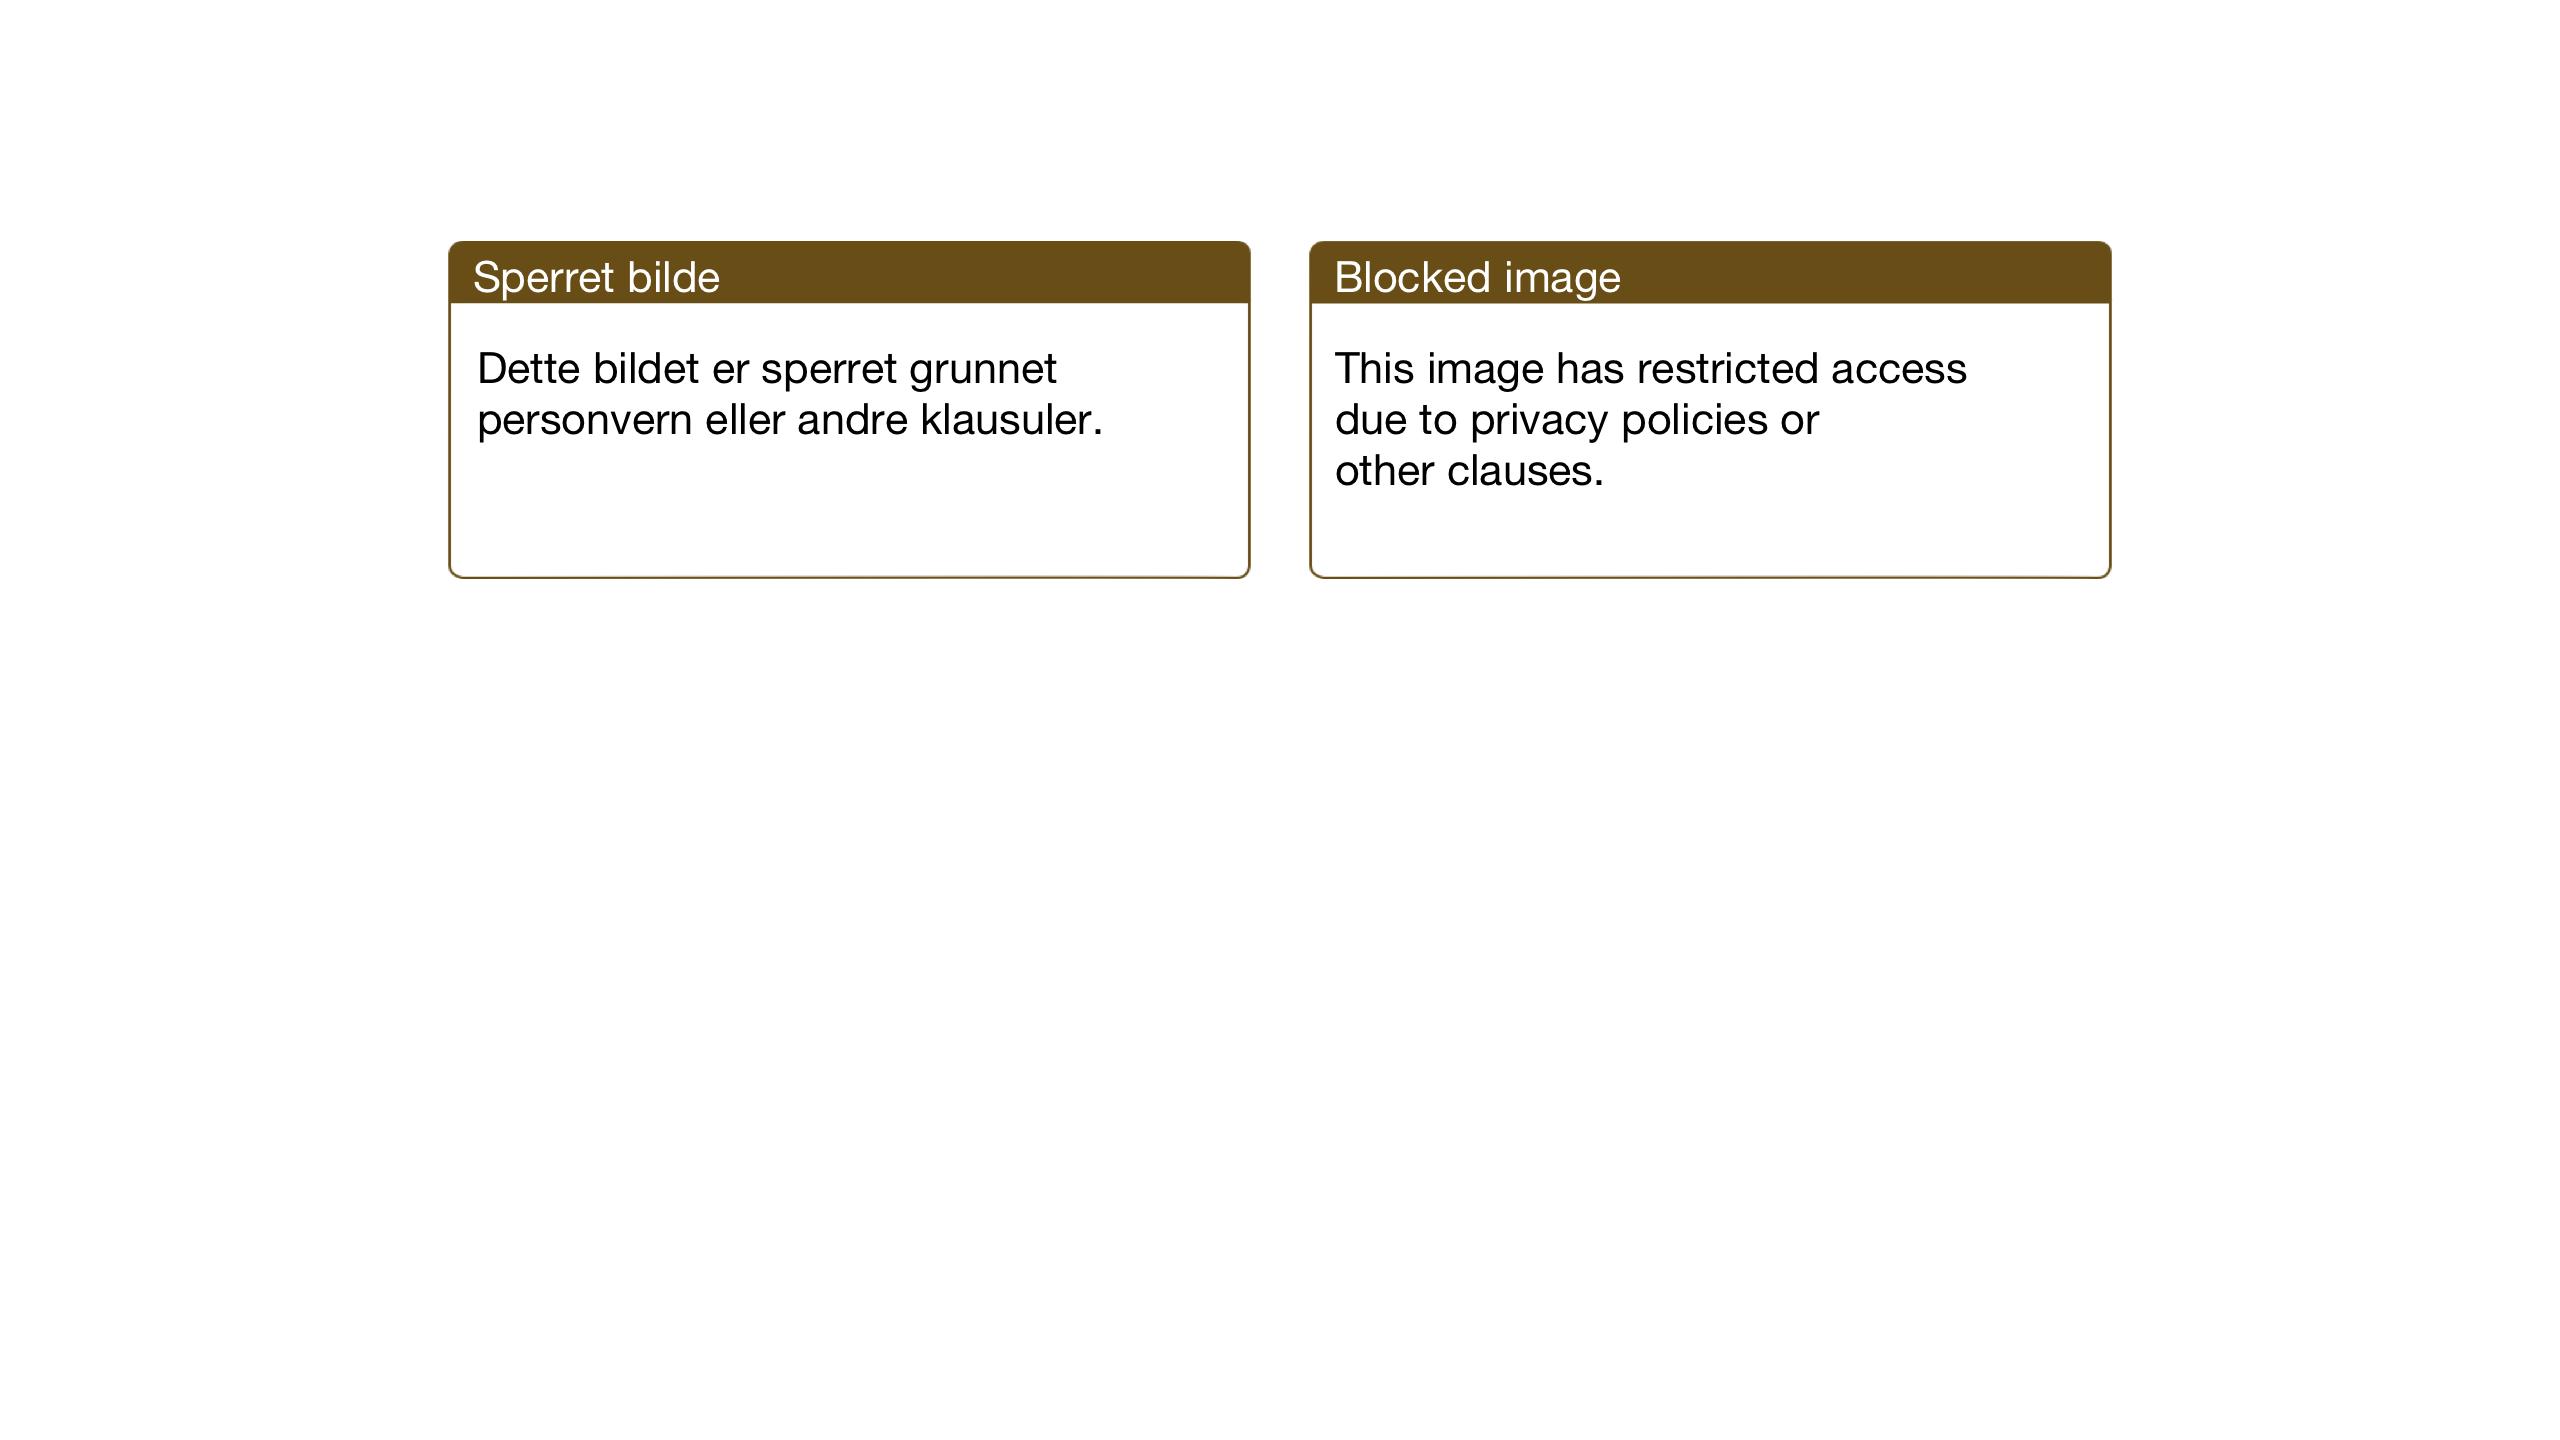 SAT, Ministerialprotokoller, klokkerbøker og fødselsregistre - Sør-Trøndelag, 637/L0564: Klokkerbok nr. 637C05, 1928-1968, s. 229